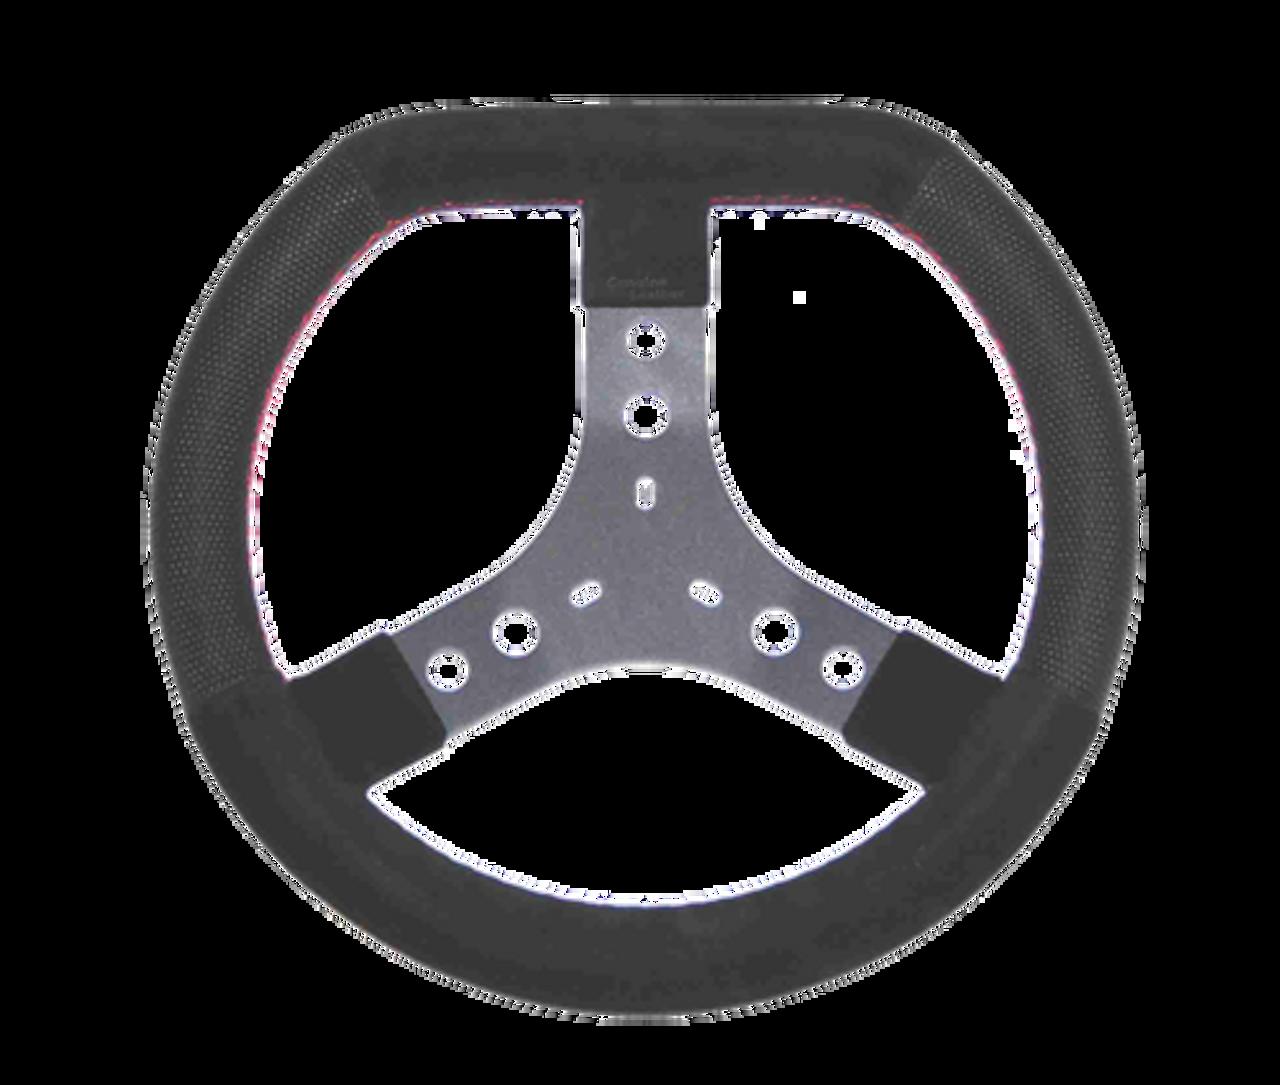 P/N BWL3016: KG Steering Wheel